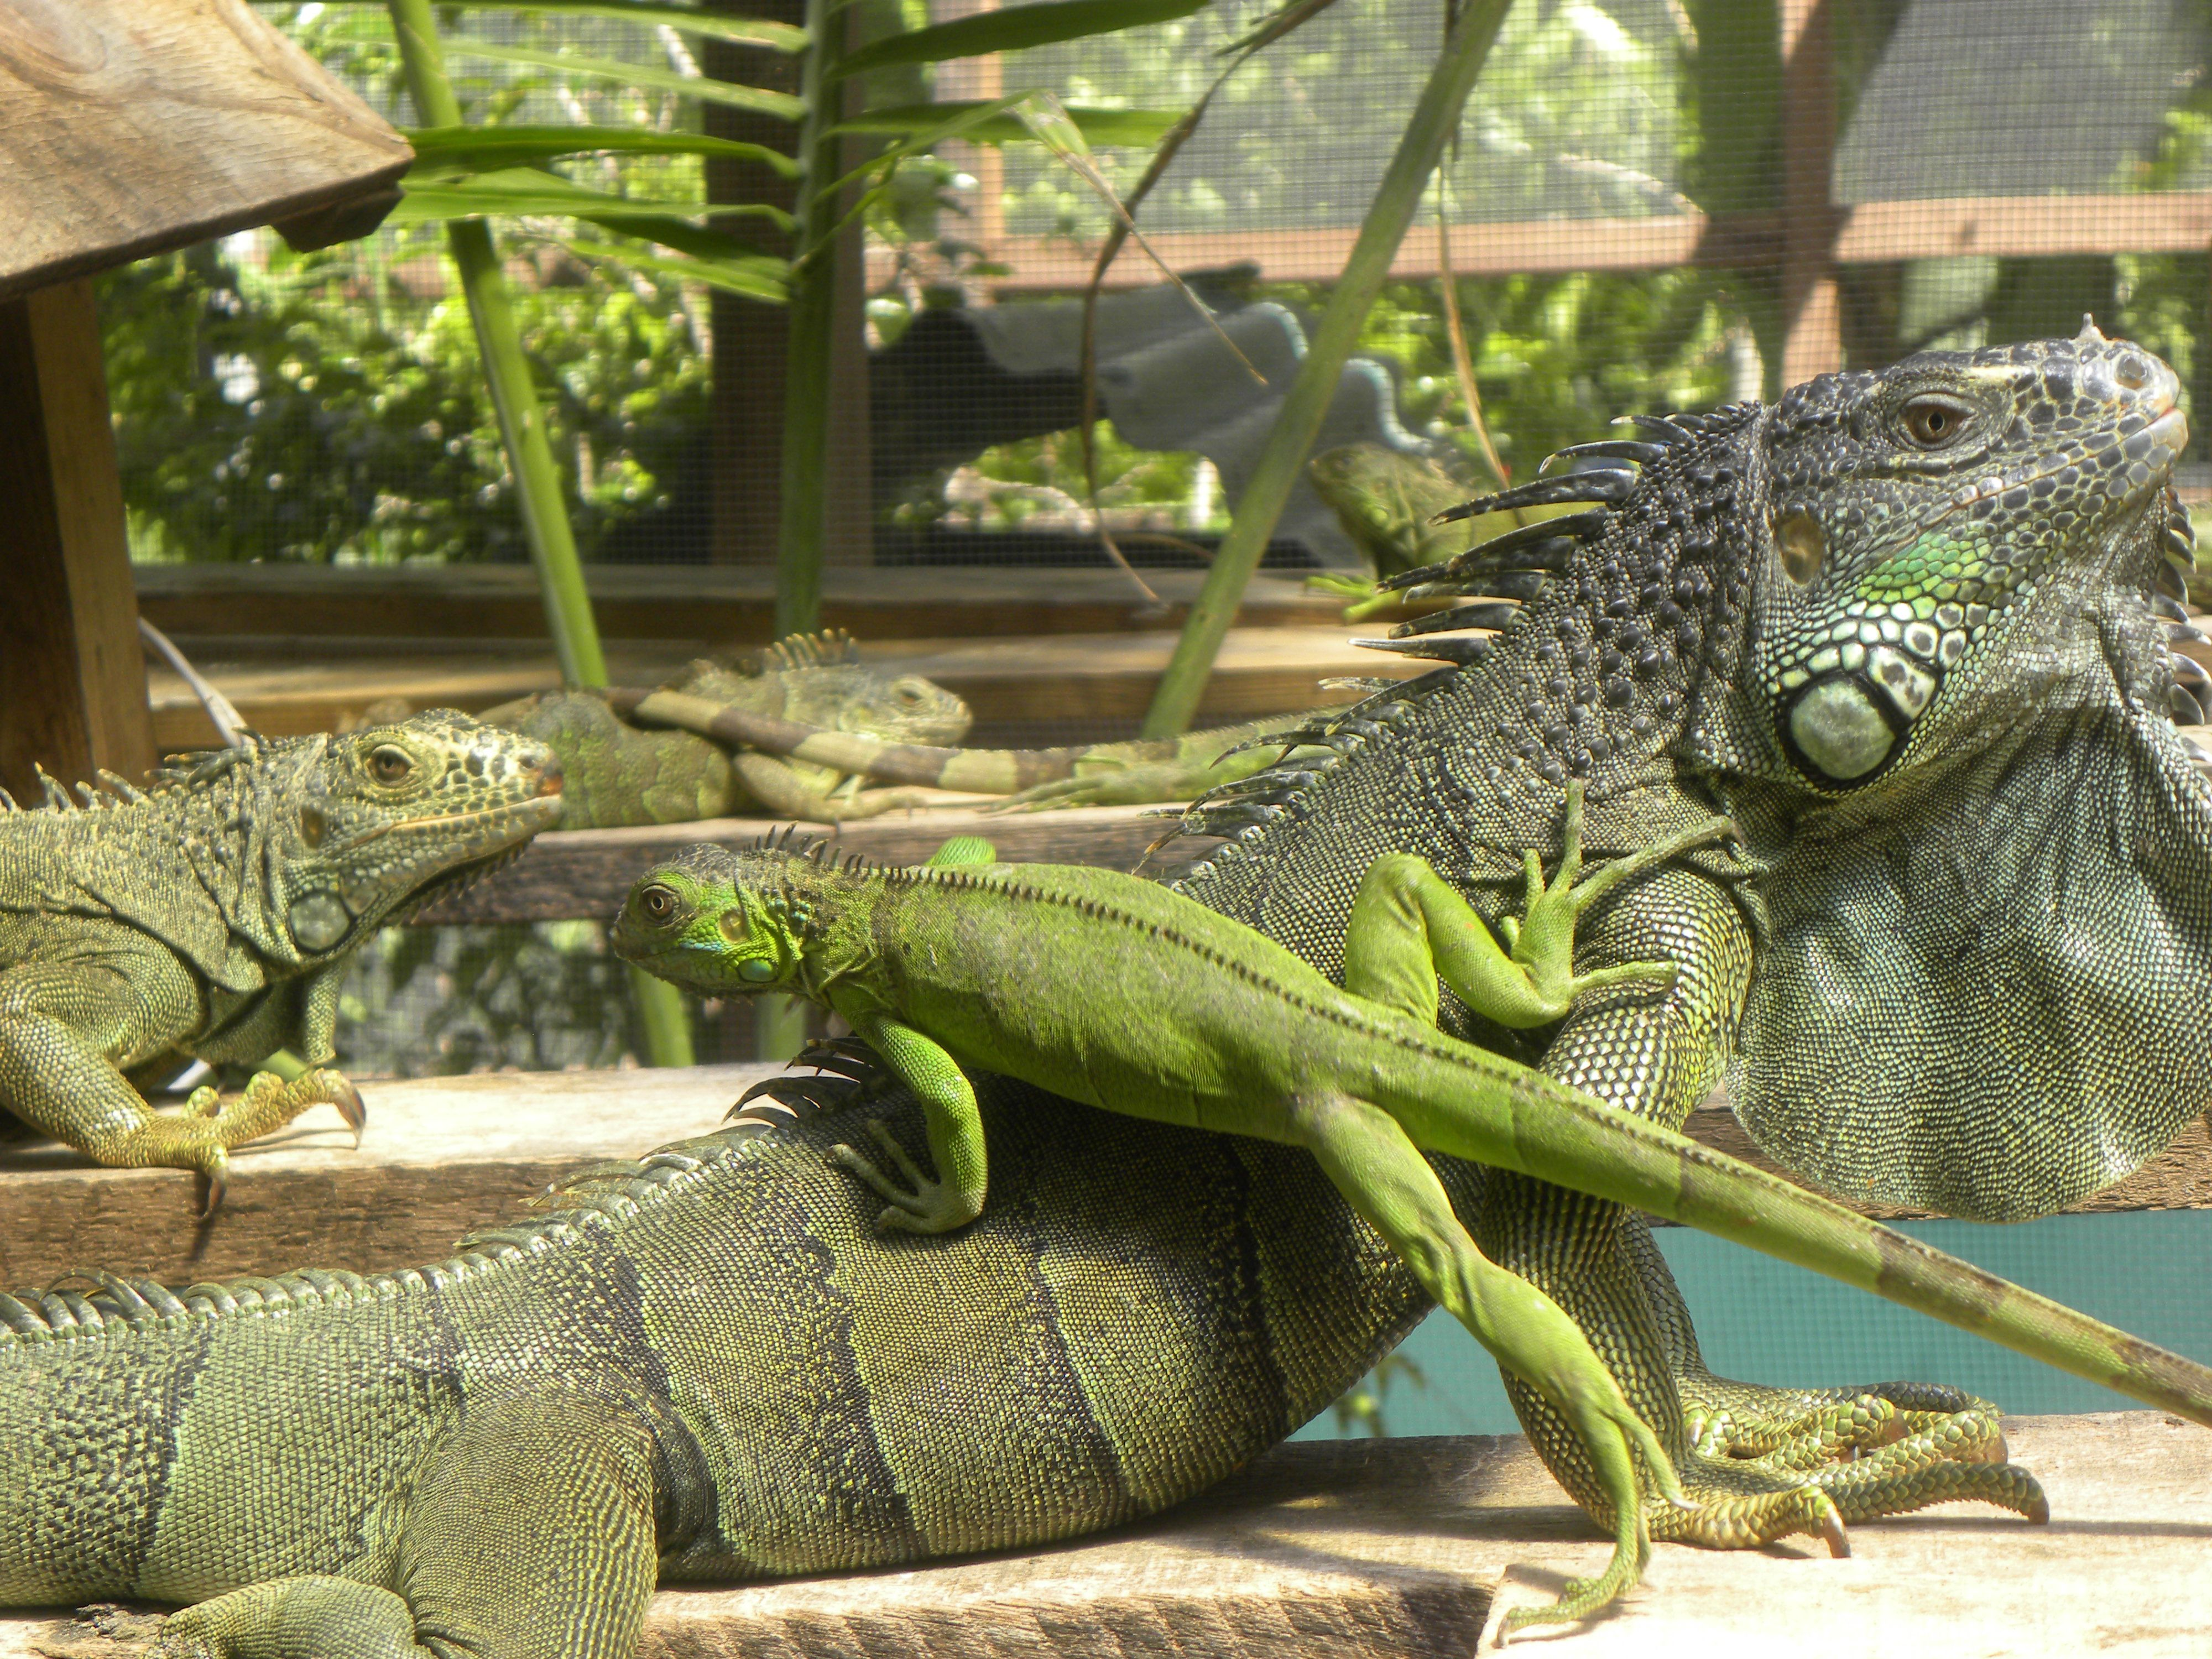 #greeniguanabelize #iguanafacts #conservation